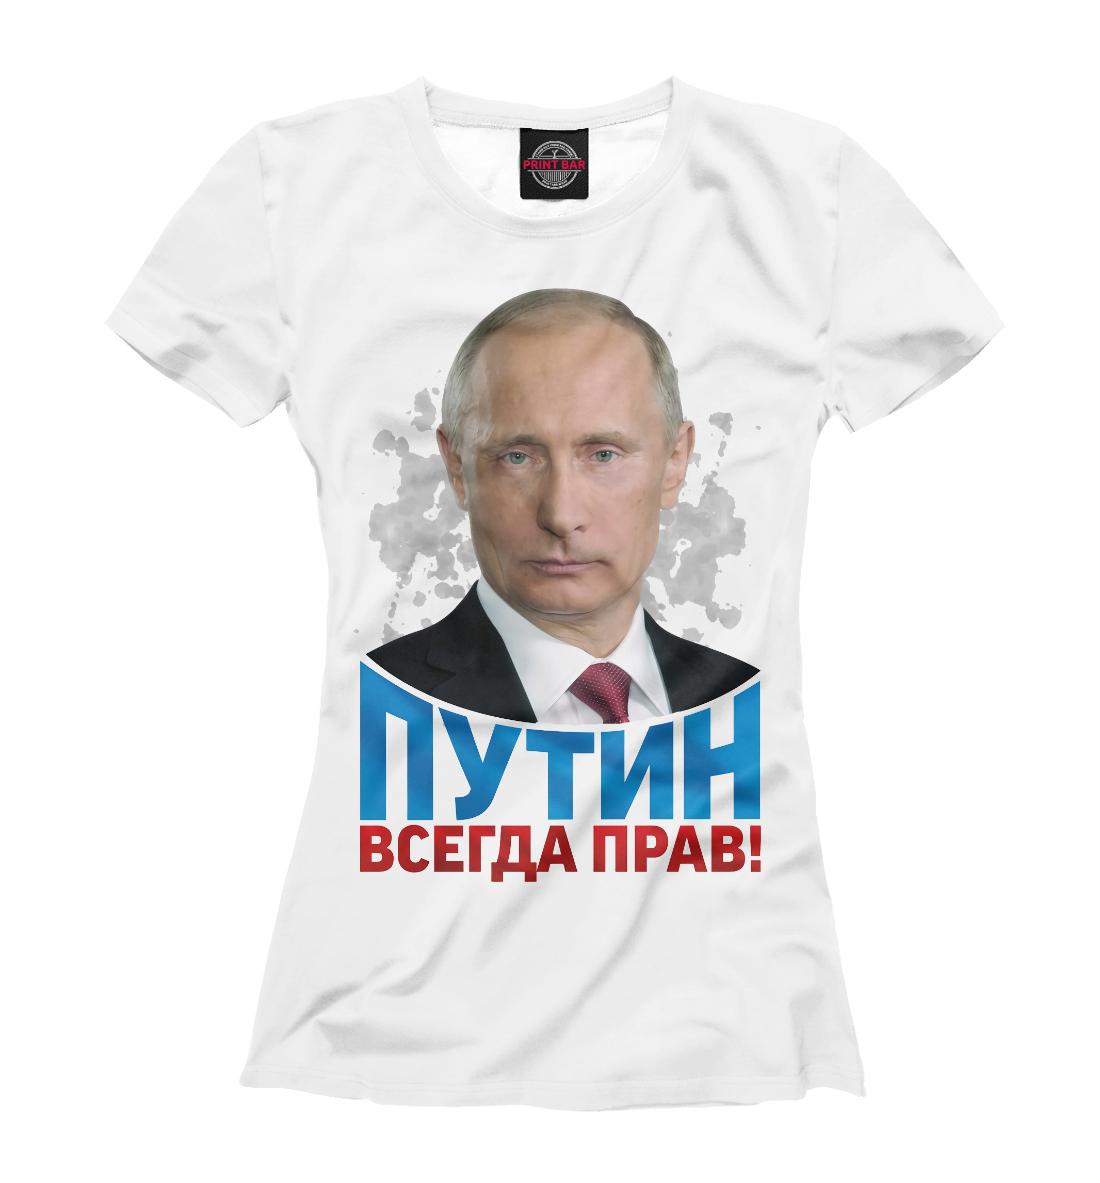 Путин всегда прав, Printbar, Футболки, PUT-165611-fut-1  - купить со скидкой